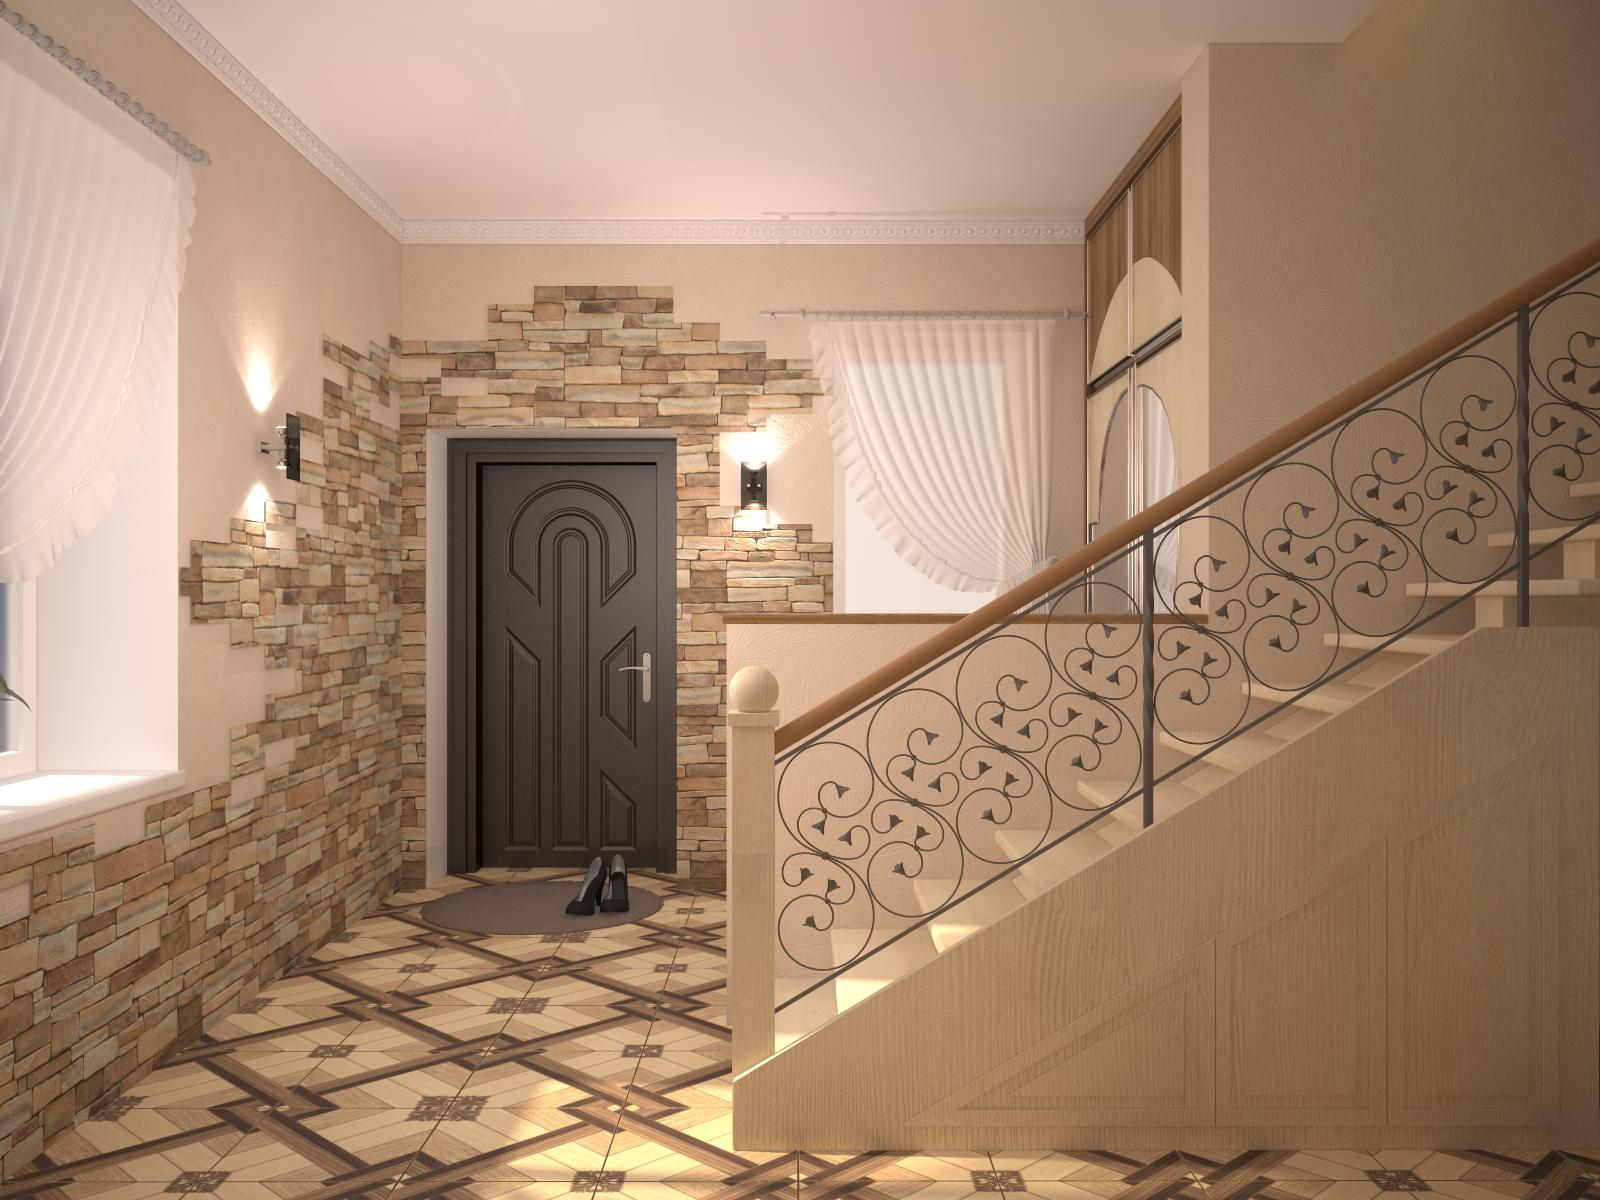 гипсовый камень в стилистике проходной комнате